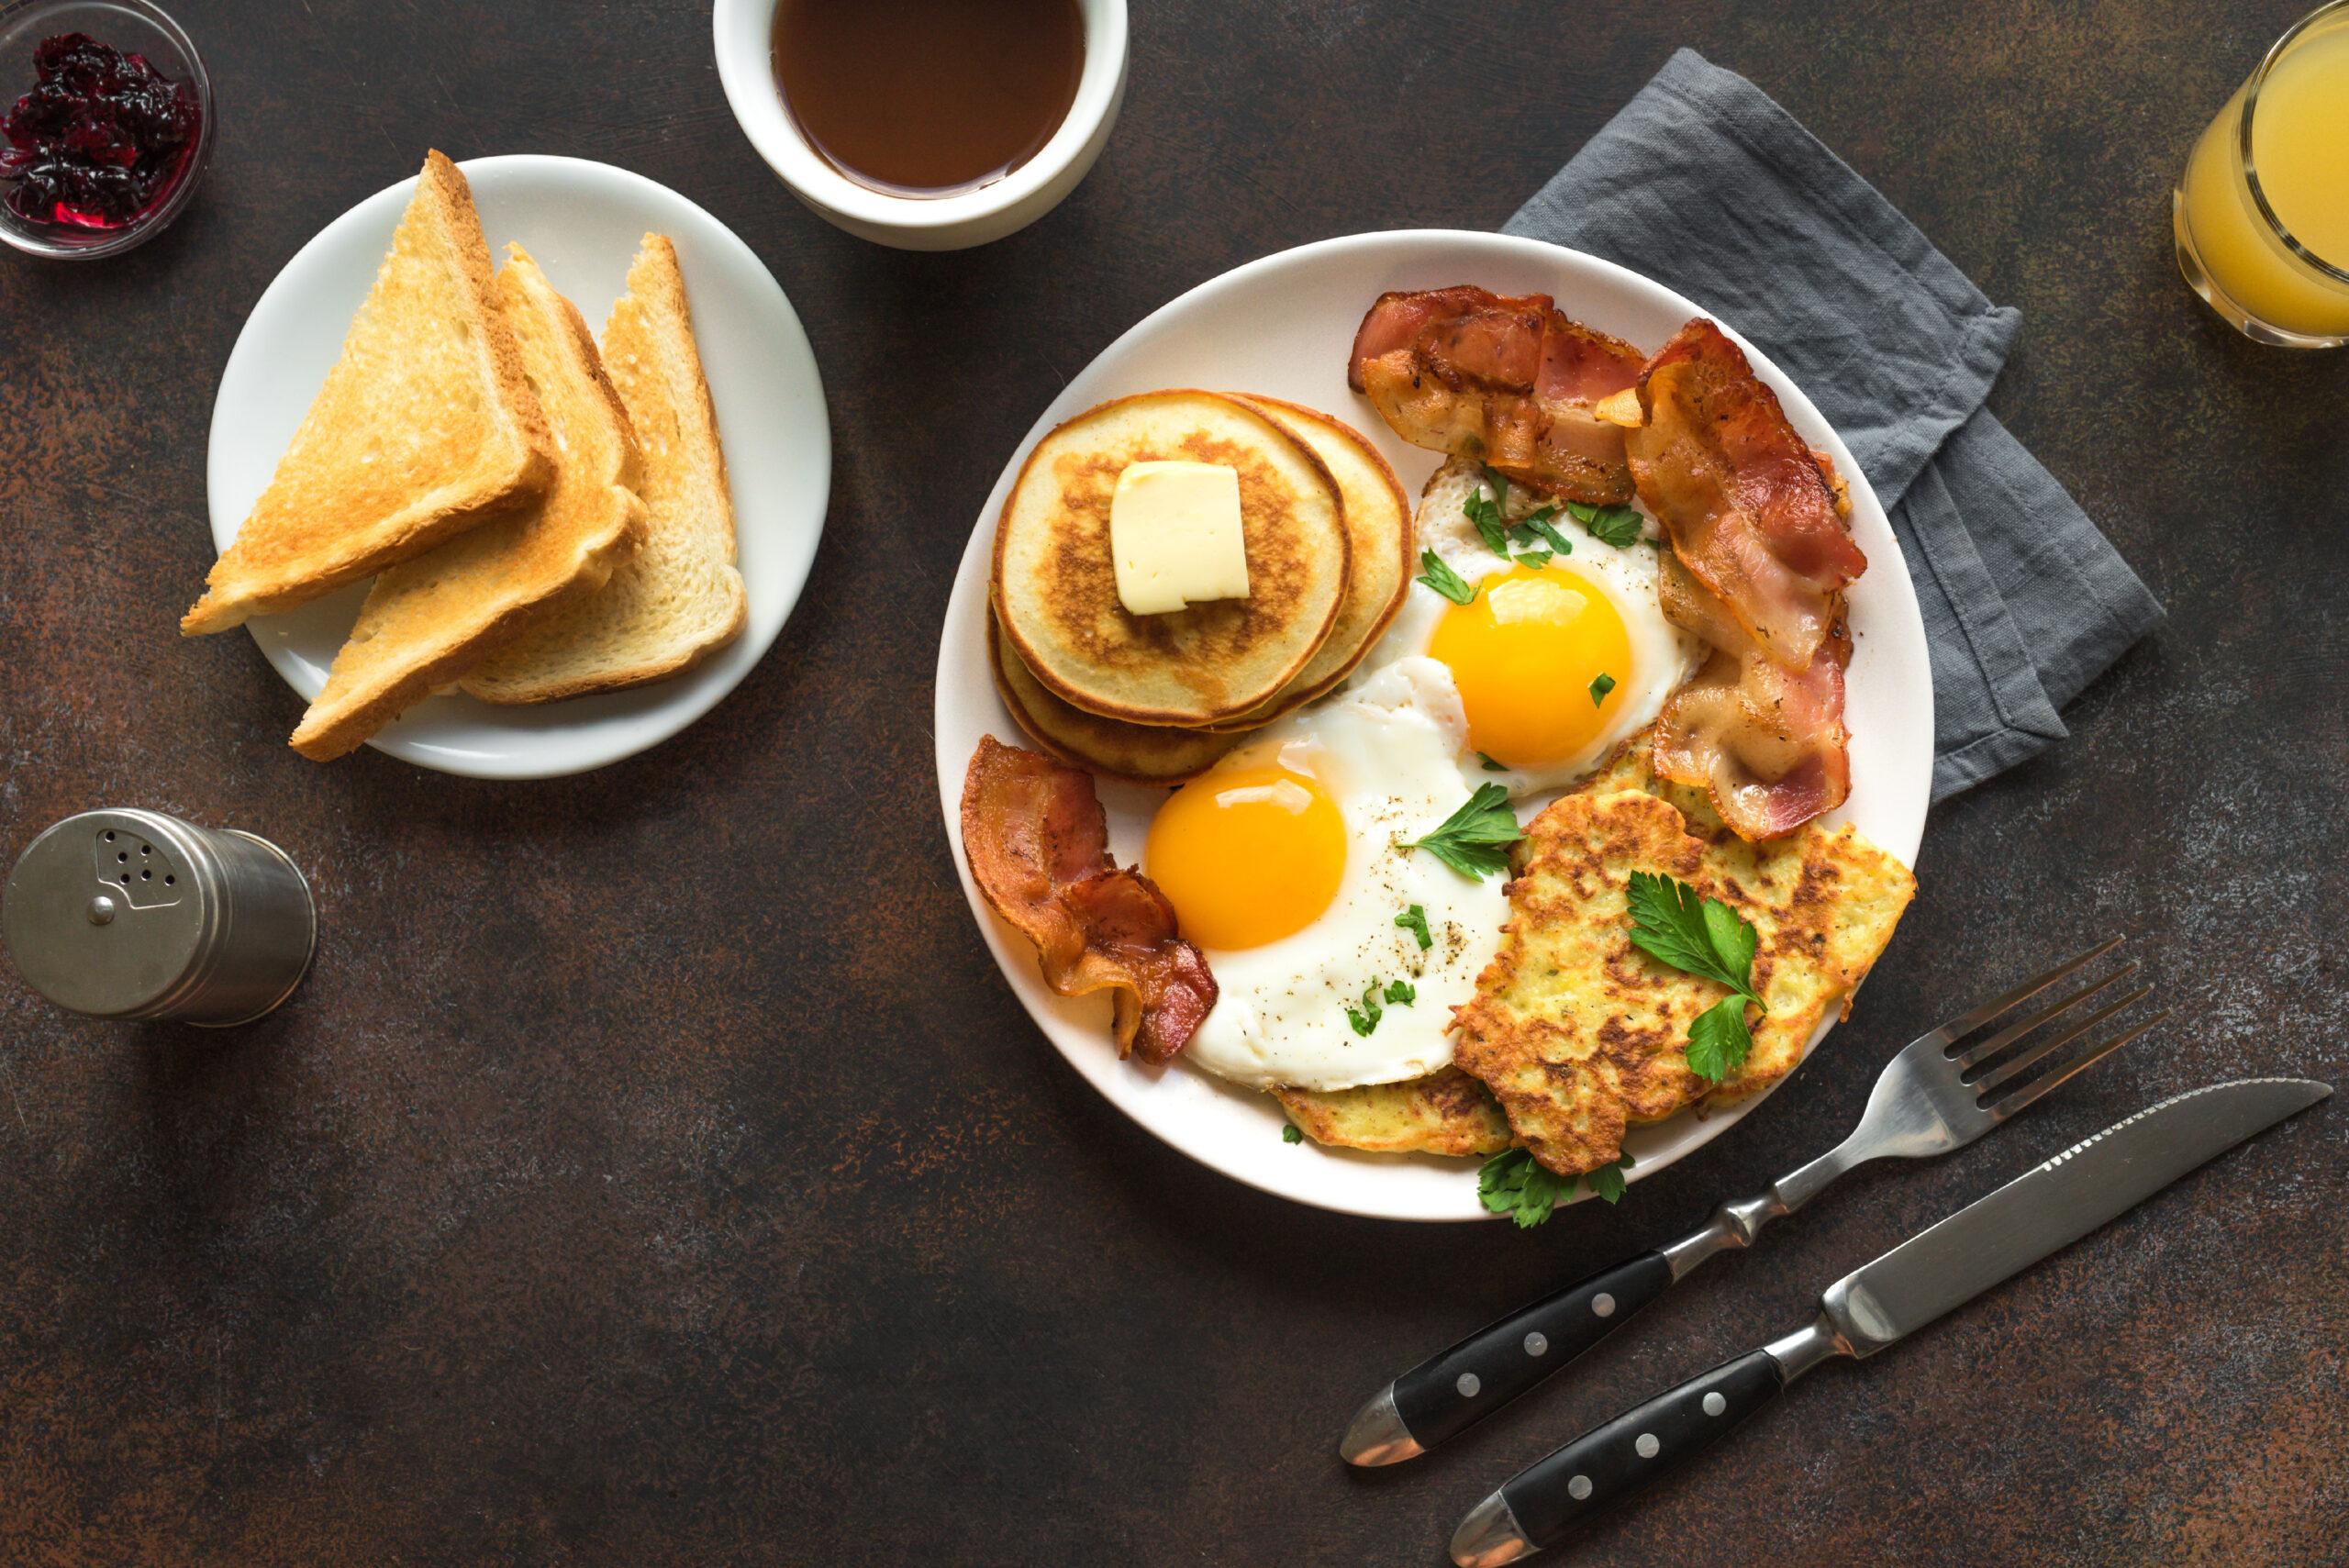 Dieta wysokoproteinowa: 4 pomysły na pyszne śniadania